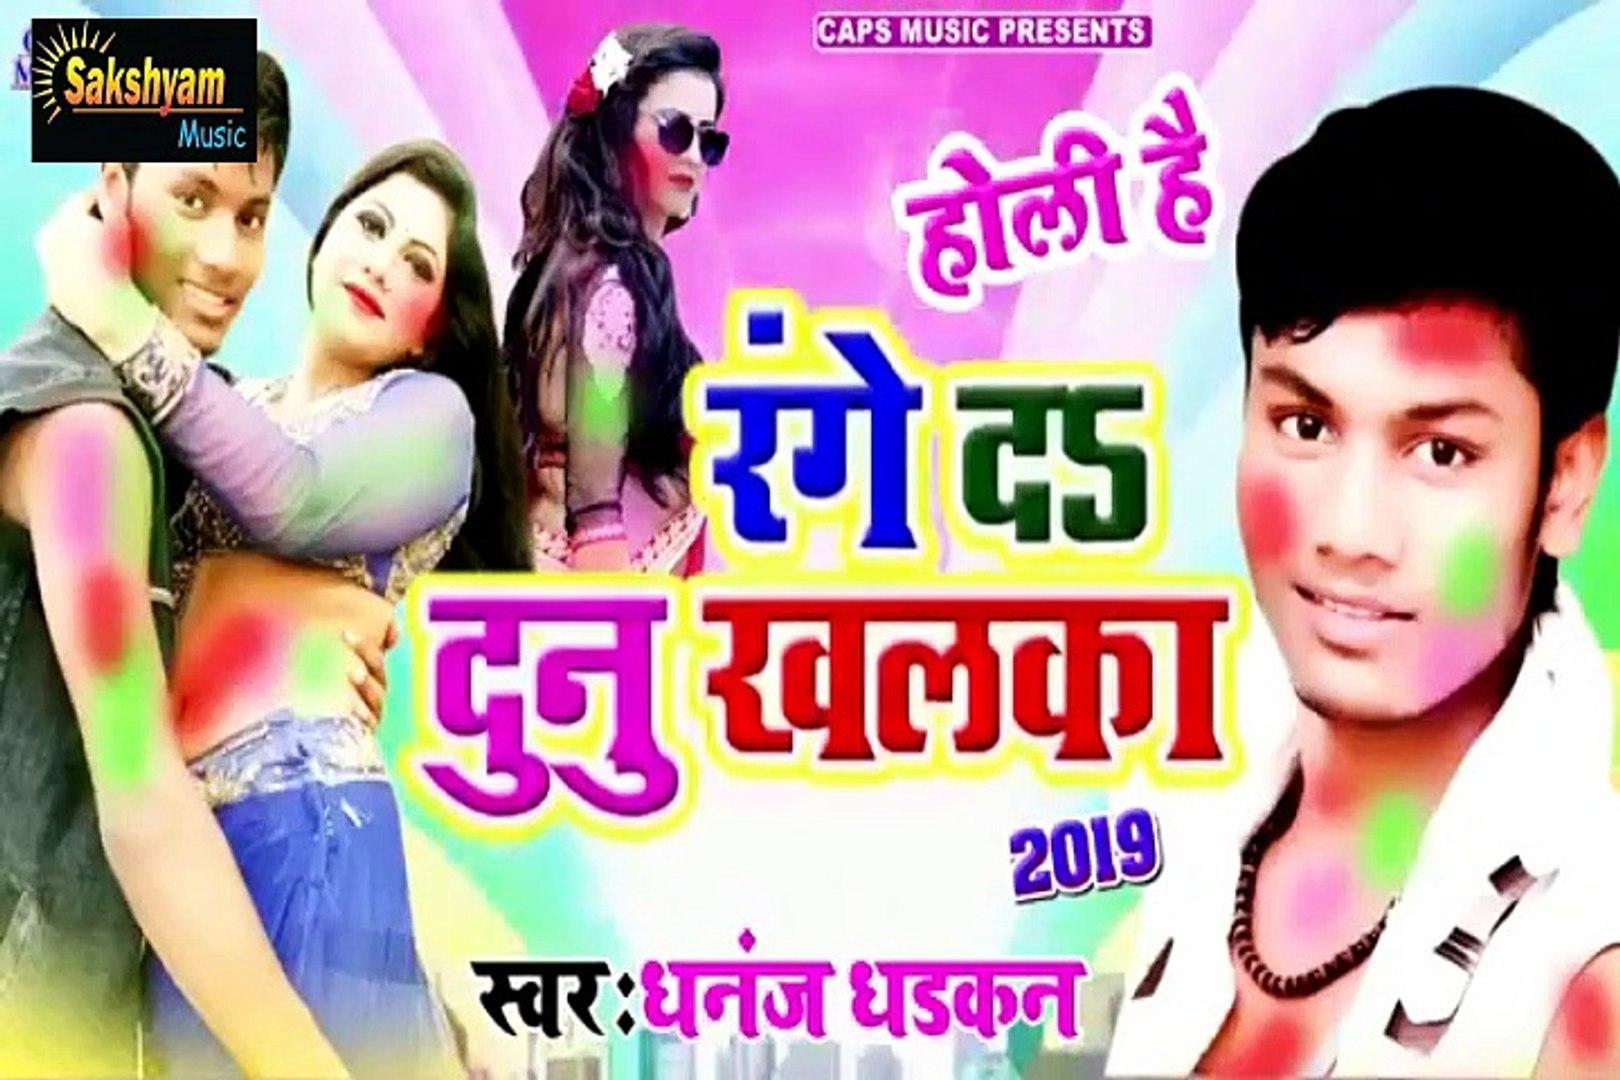 Khesari lal ke holi ke gana 2019